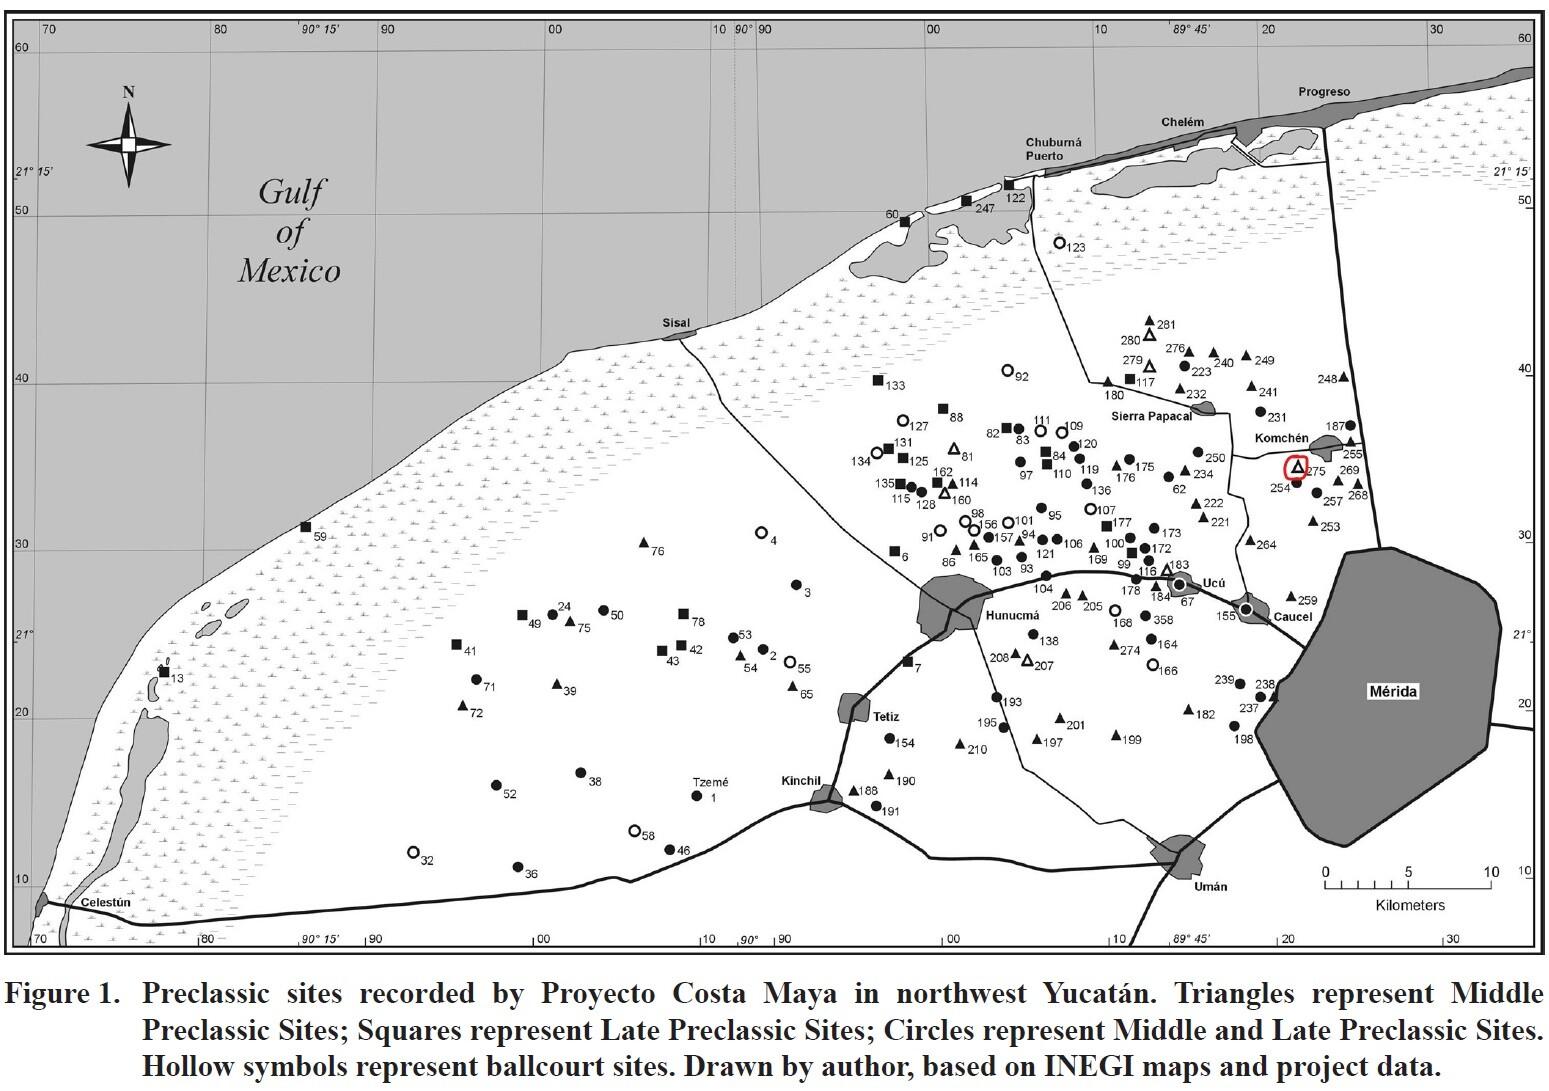 La cancha de pelota más cercana a Komchén es Sin Nombre PCM-275, localizado a cuatro kilómetros hacia el suroeste, por lo tanto, se infiere que los habitantes de Komchén estuviesen ligados a esta cancha de pelota. Mapa: D. Anderson (2005)